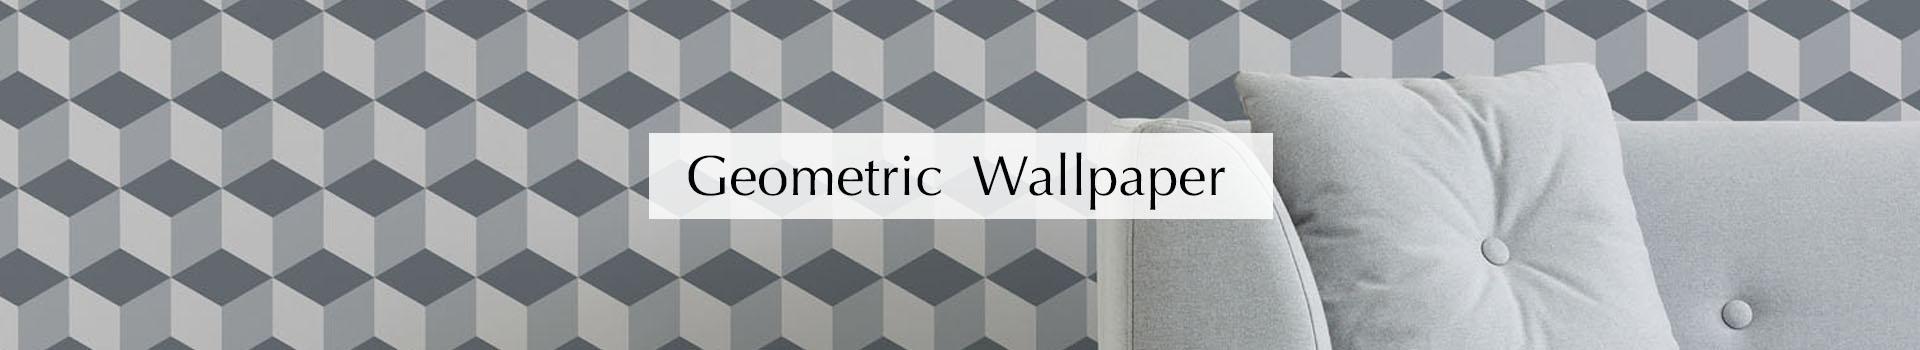 geometric-wallpaper-2.jpg